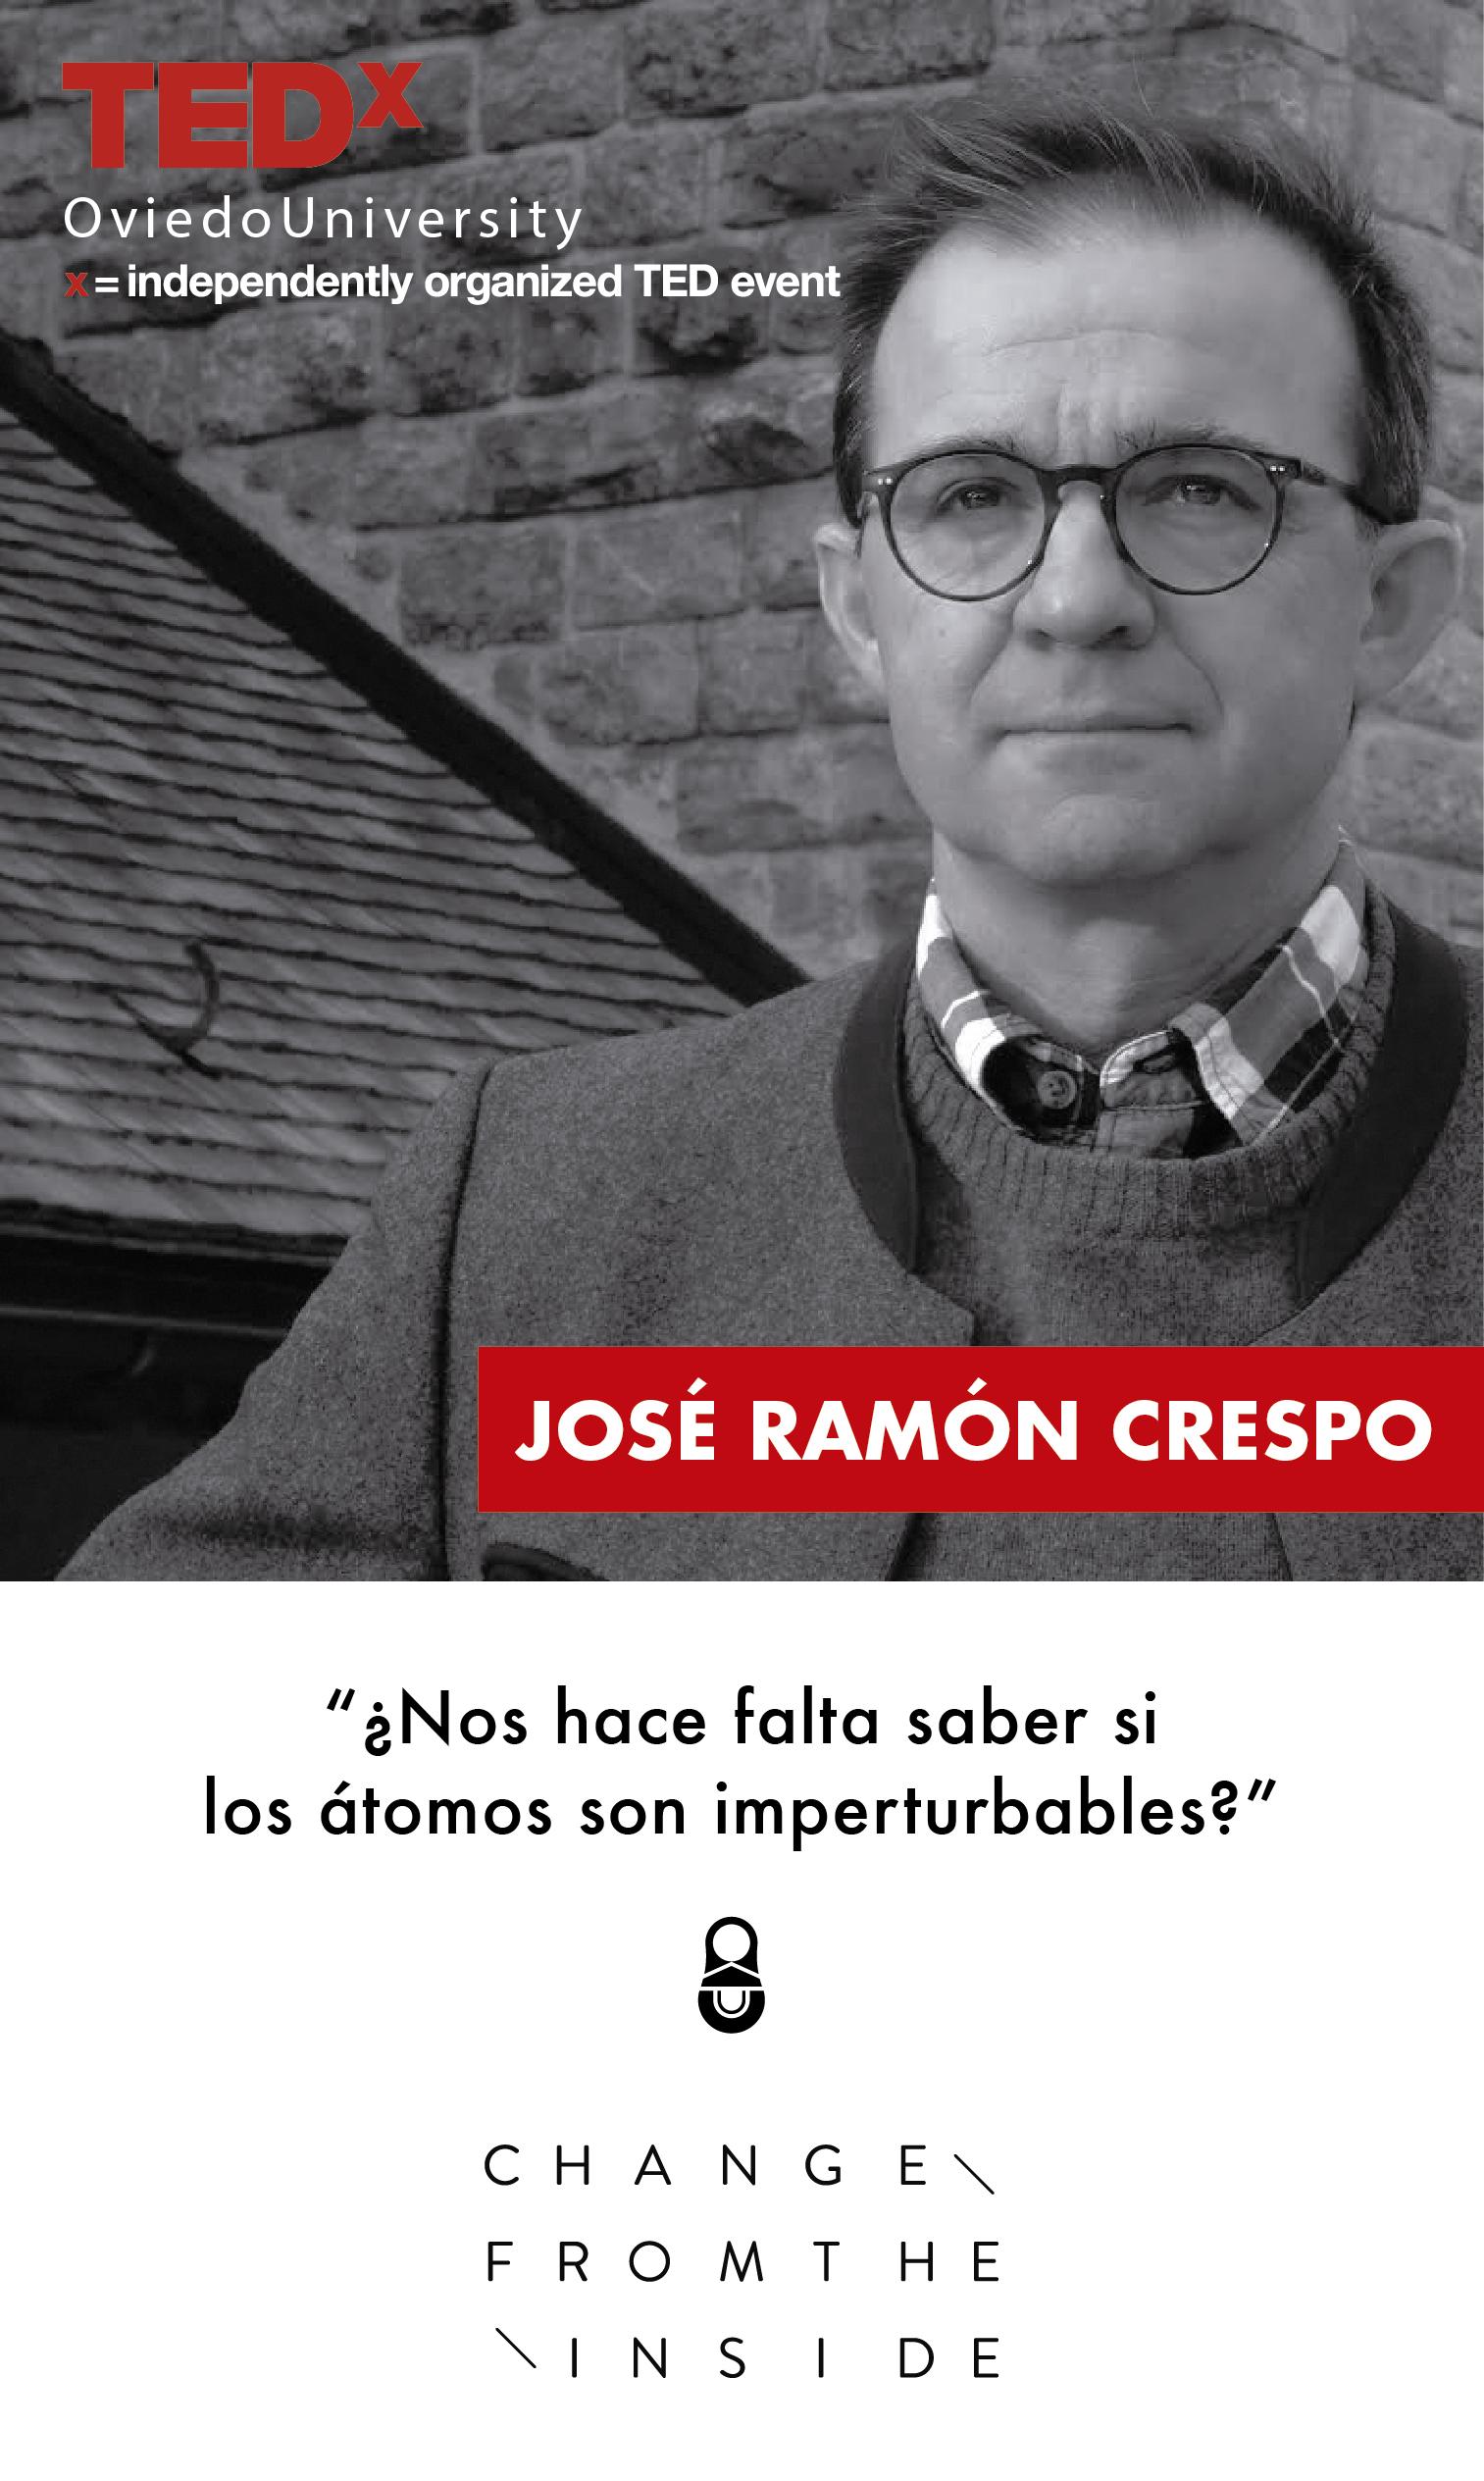 FRANCISCO CASTAÑO CRESPO